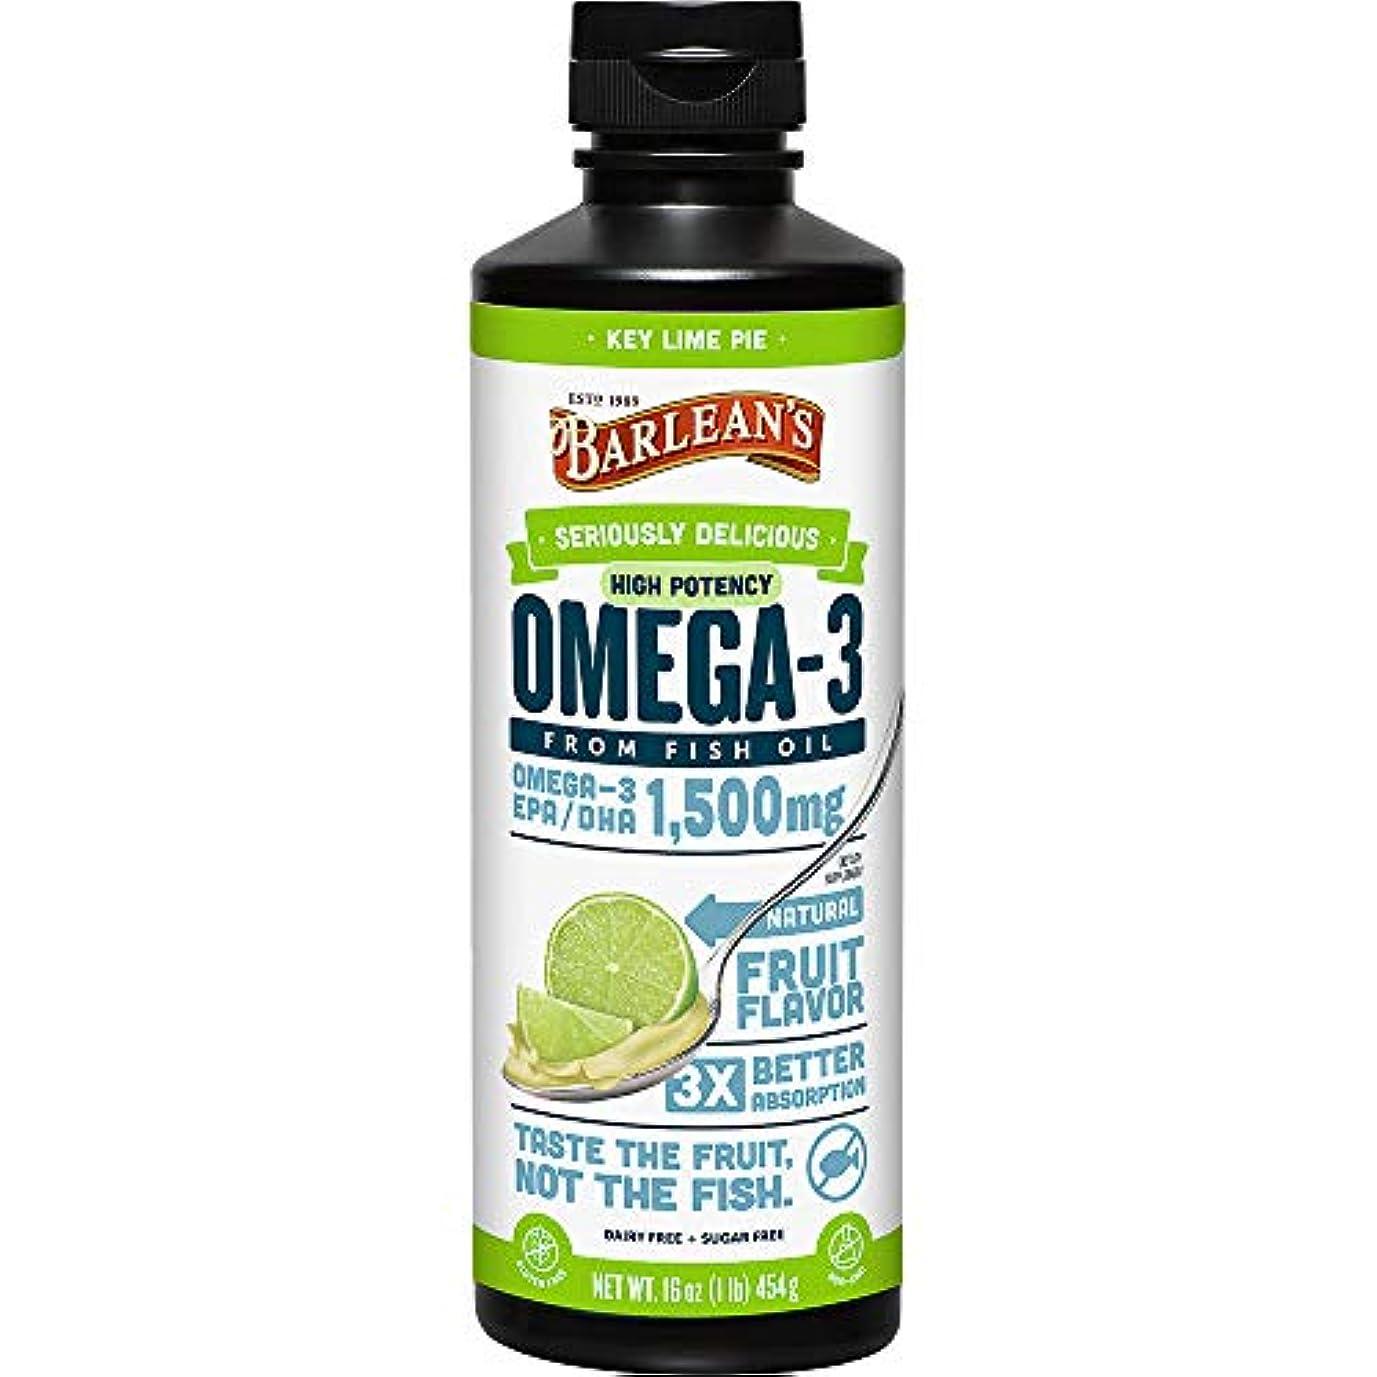 影響する砂フラッシュのように素早くBarlean's - Omegaの渦巻の魚オイルの超高い潜在的能力Key石灰 1500 mg。16ポンド